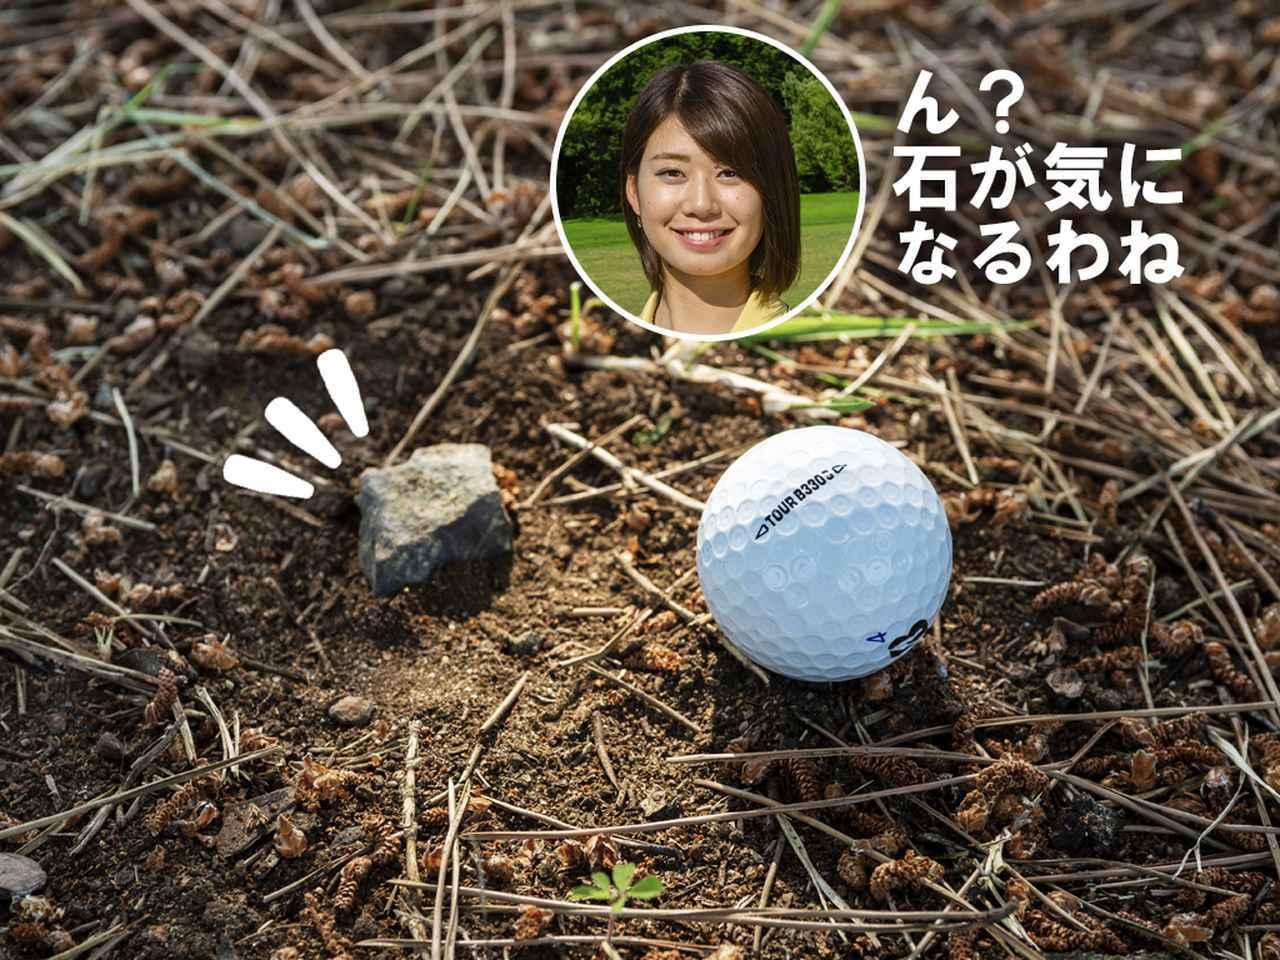 画像3: 【新ルール】地面に埋まった石を取り除きたい!! これってルール違反?